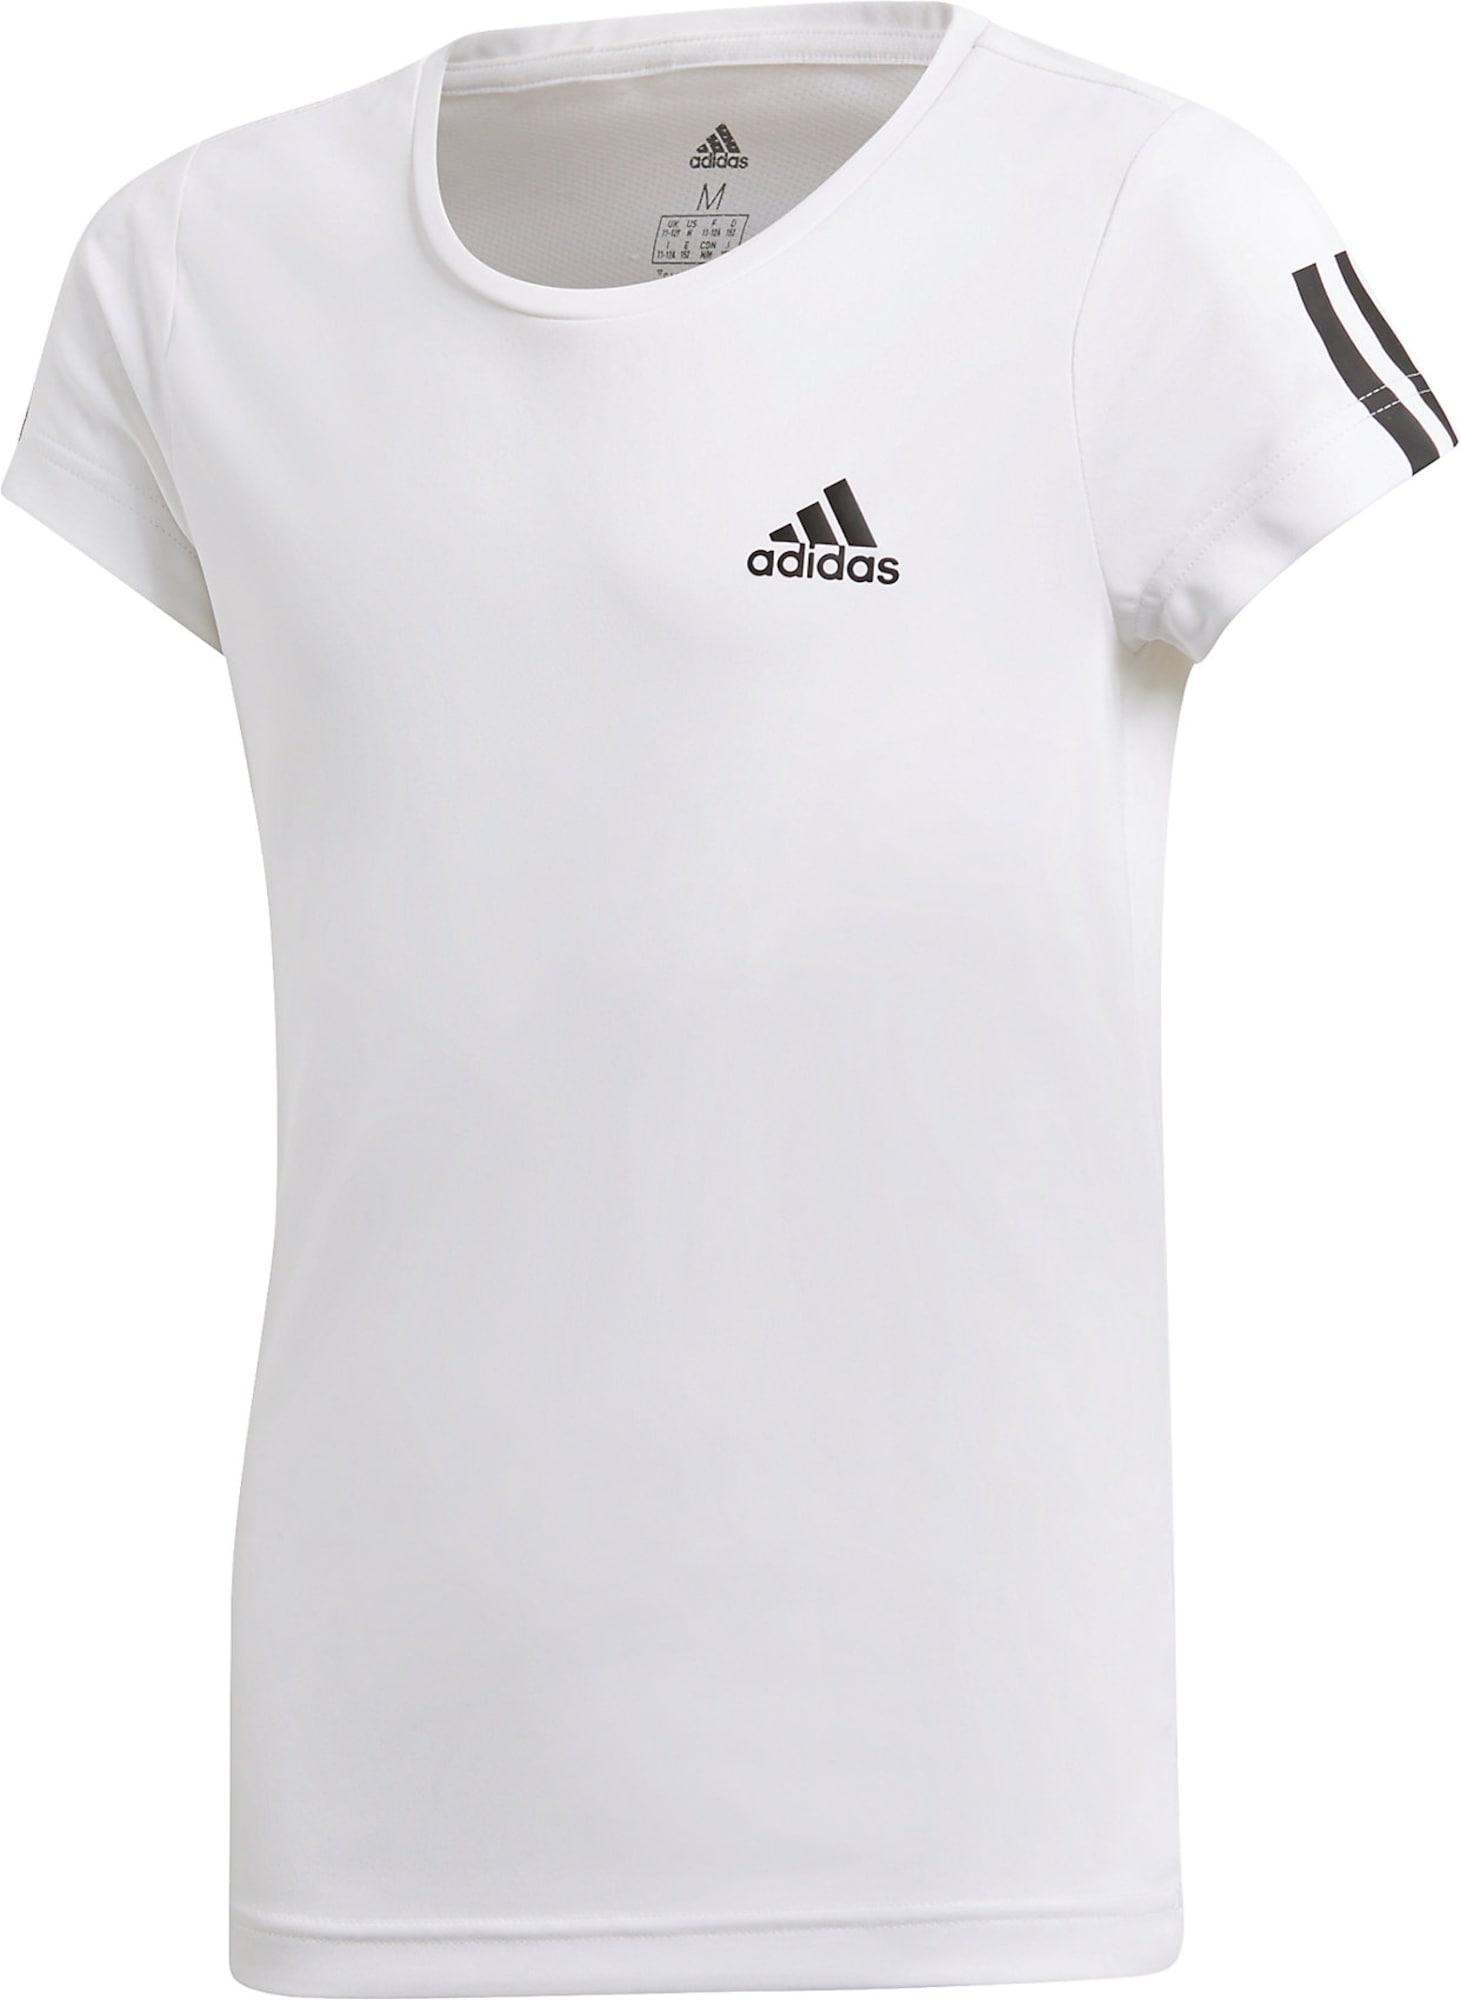 ADIDAS PERFORMANCE Sportiniai marškinėliai 'Young Girl' balta / juoda